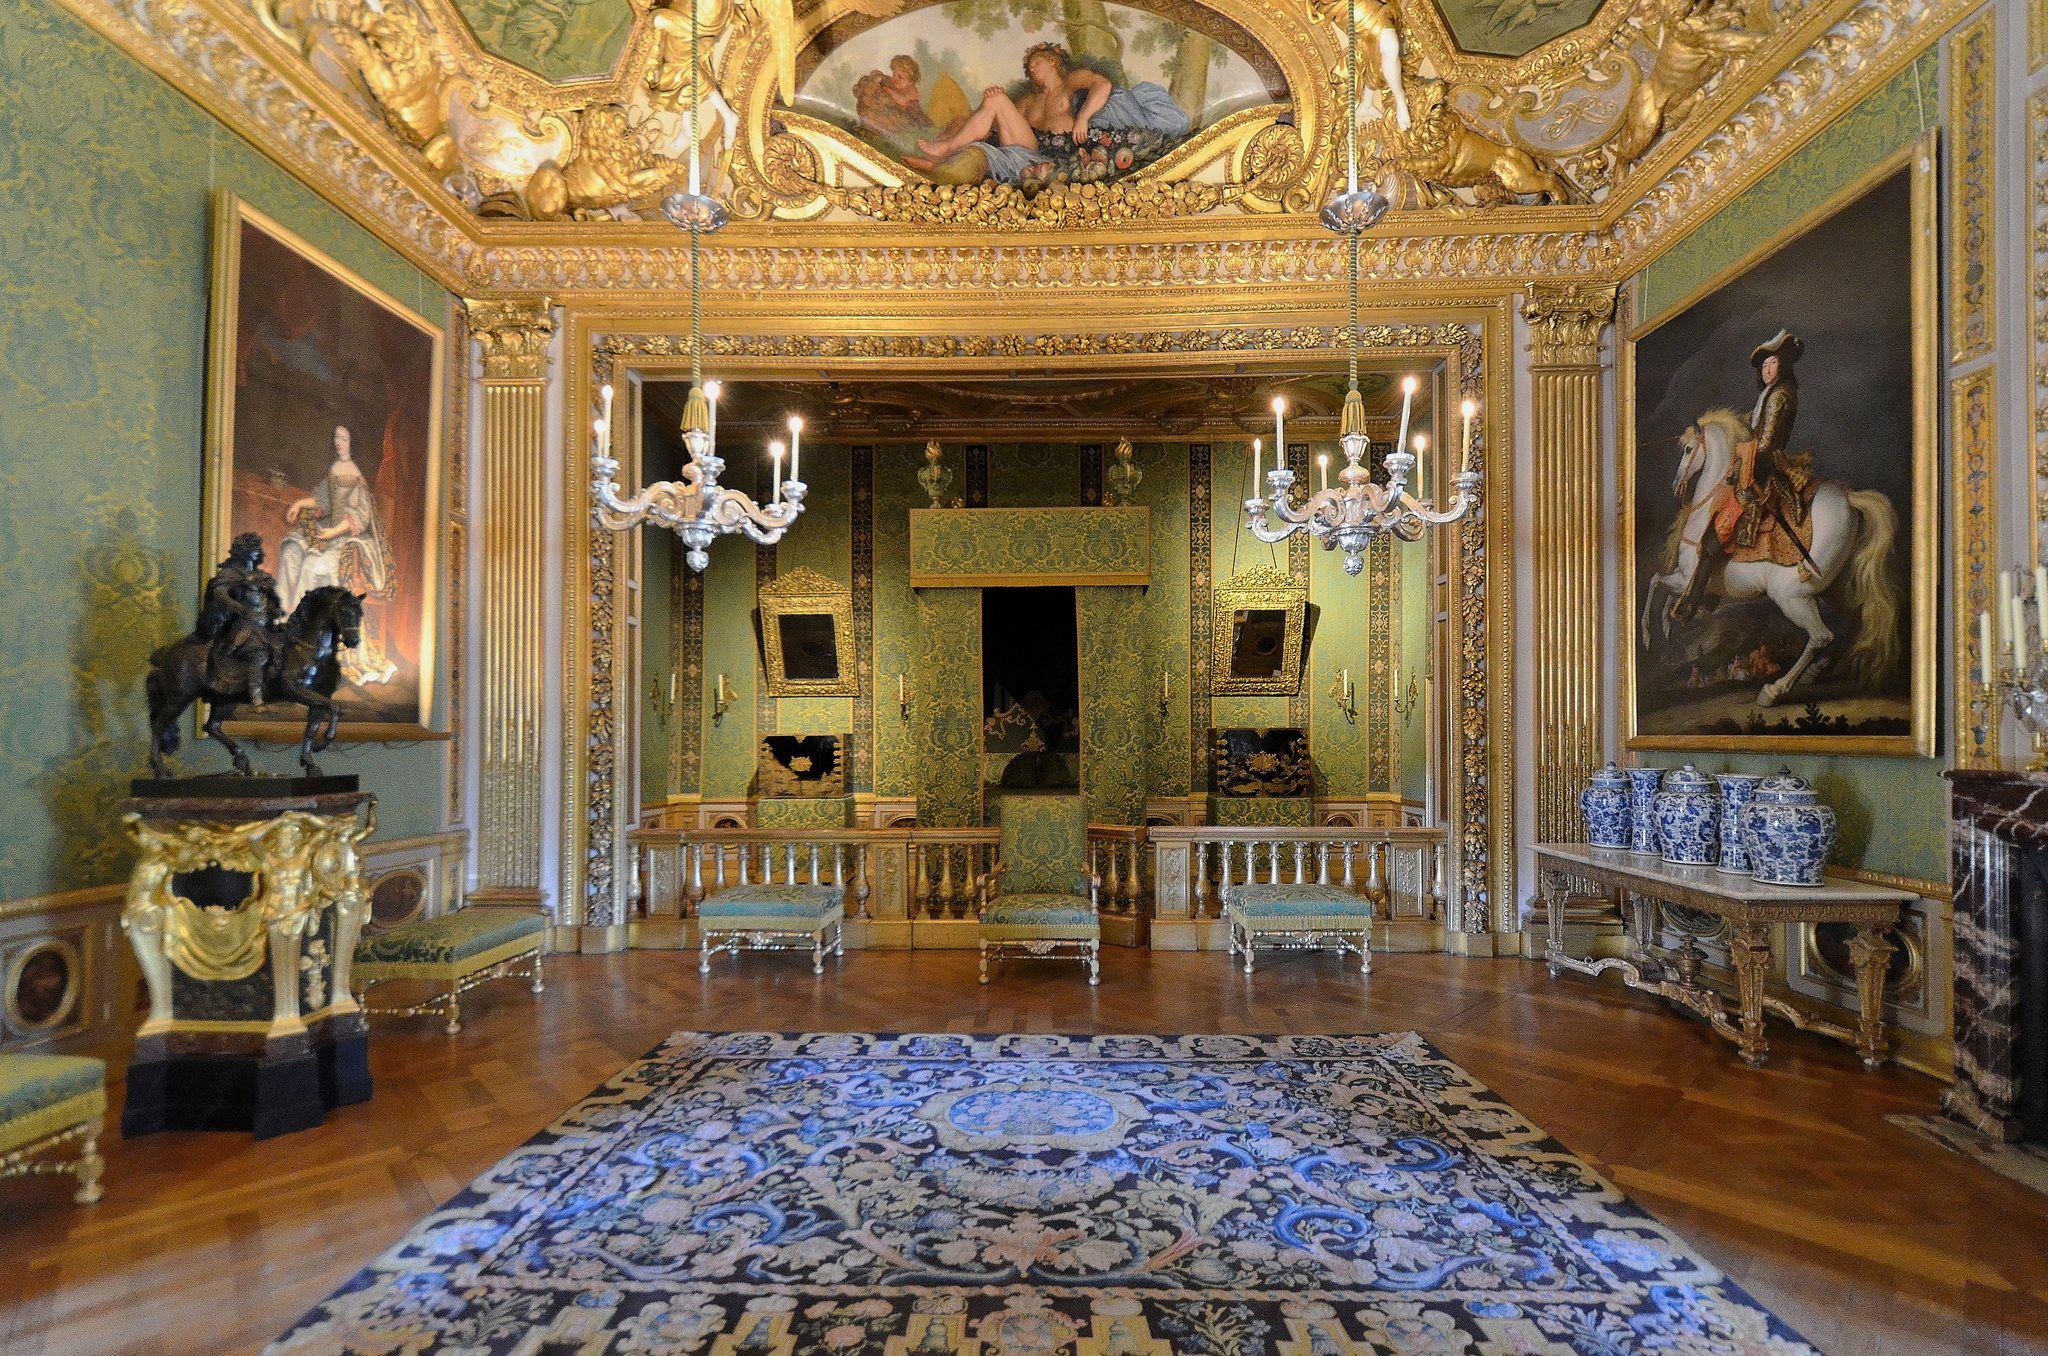 Chateau De Vaux Le Vicomte Seine Et Marne Chambre Du Roi Watch Tower Seine Et Marne Marne